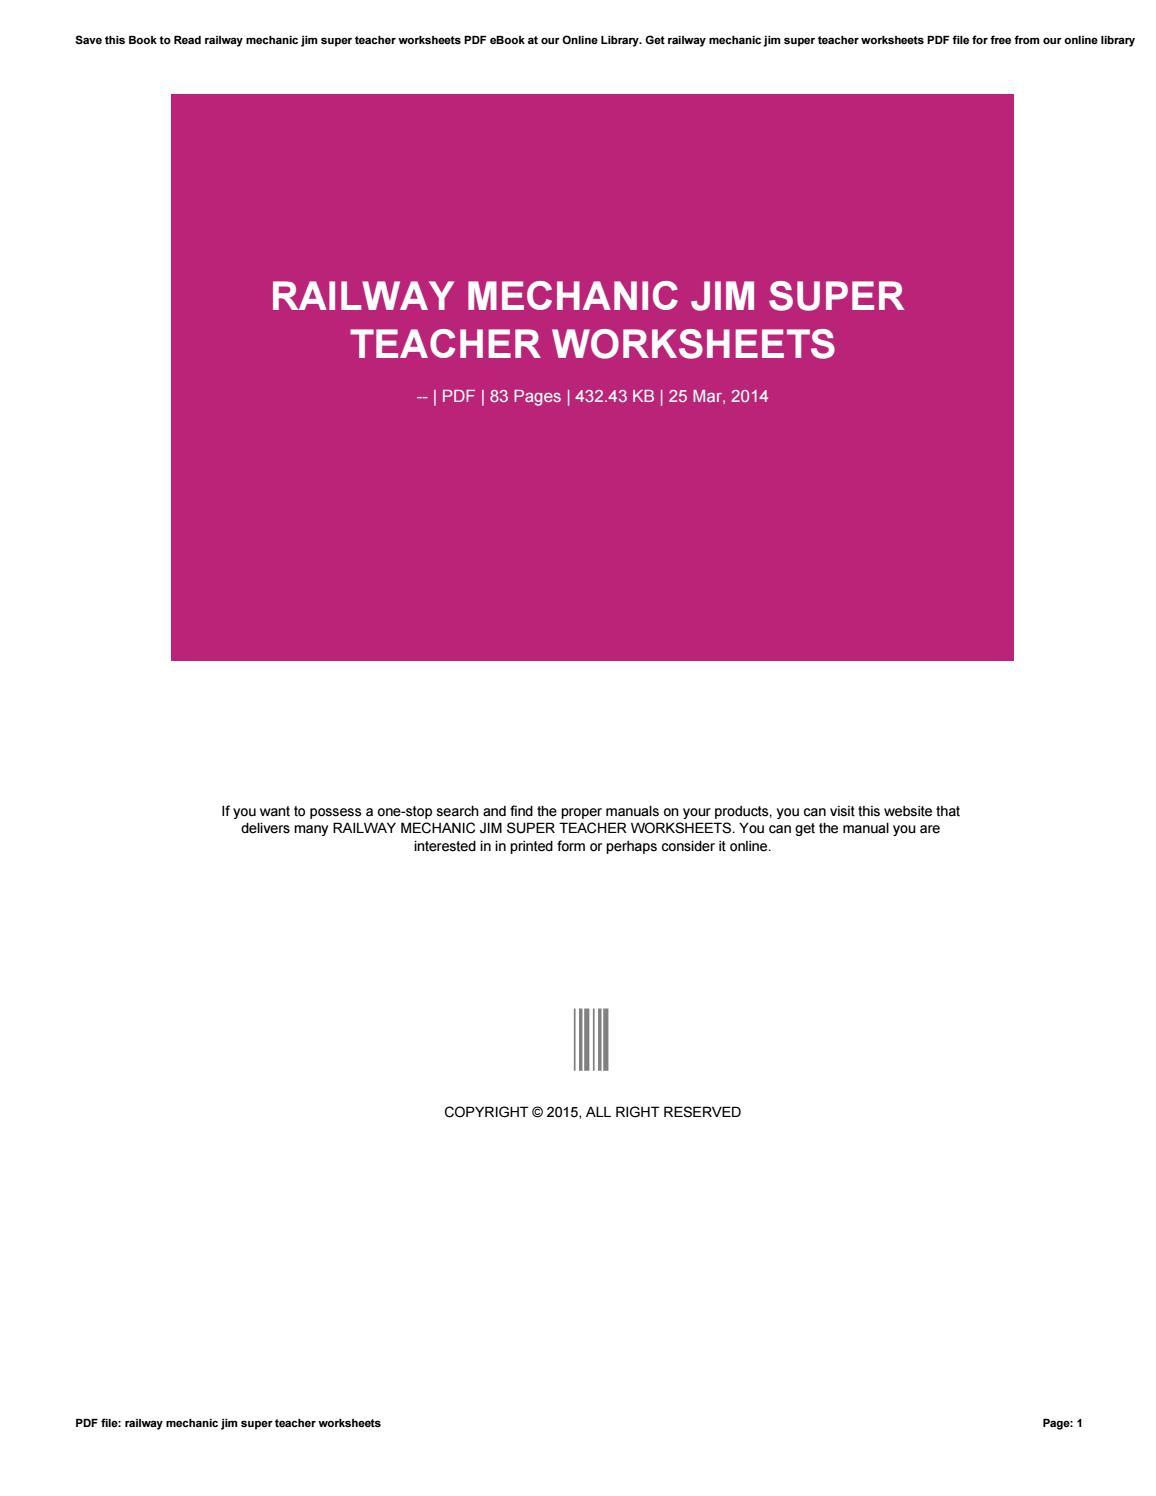 Workbooks super teacher worksheets pdf : Railway mechanic jim super teacher worksheets by masika98alam - issuu